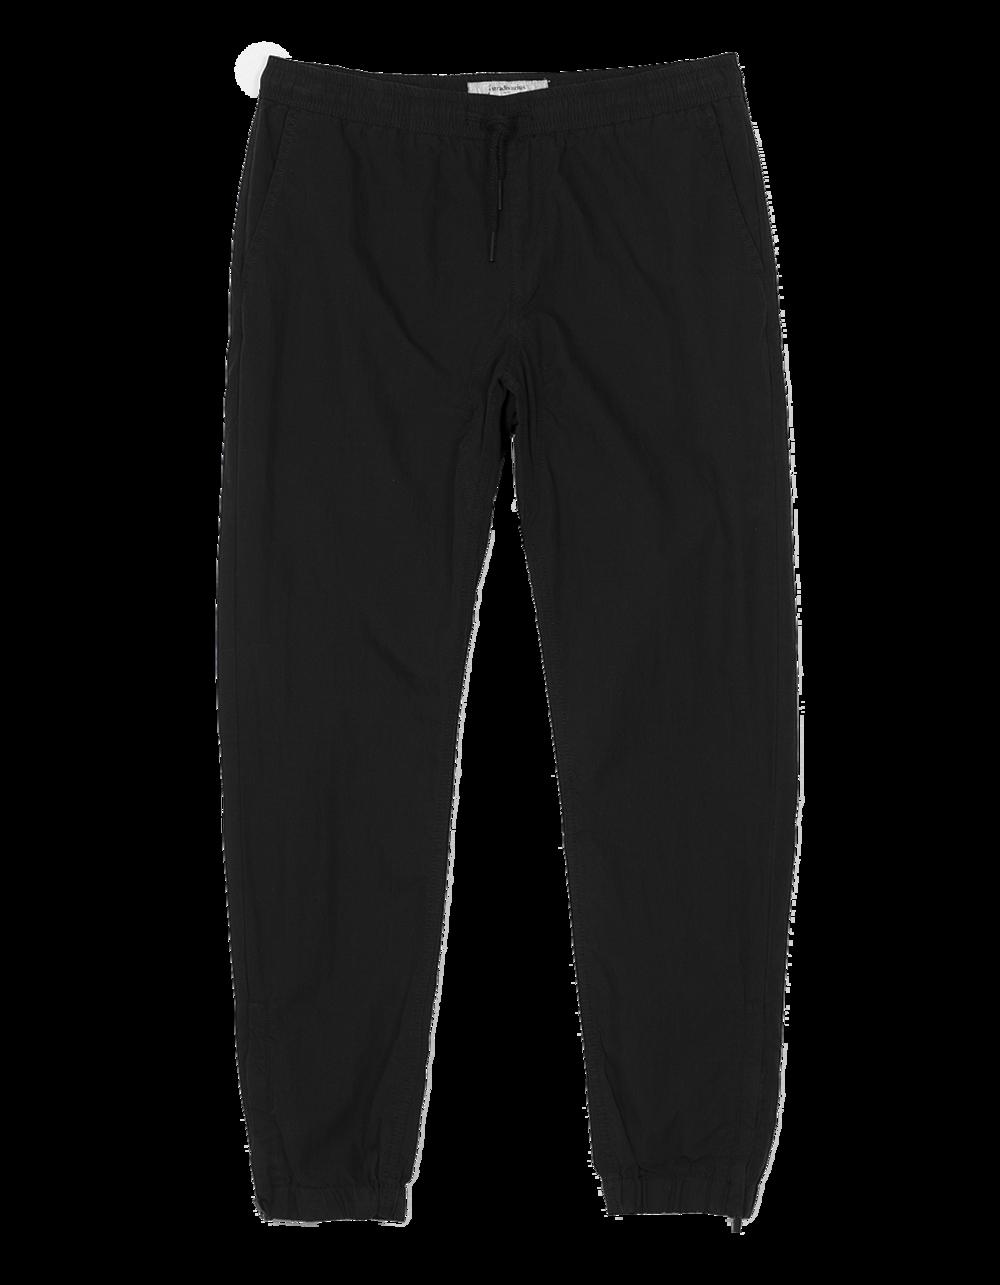 StradivariusMan_garments (81).png